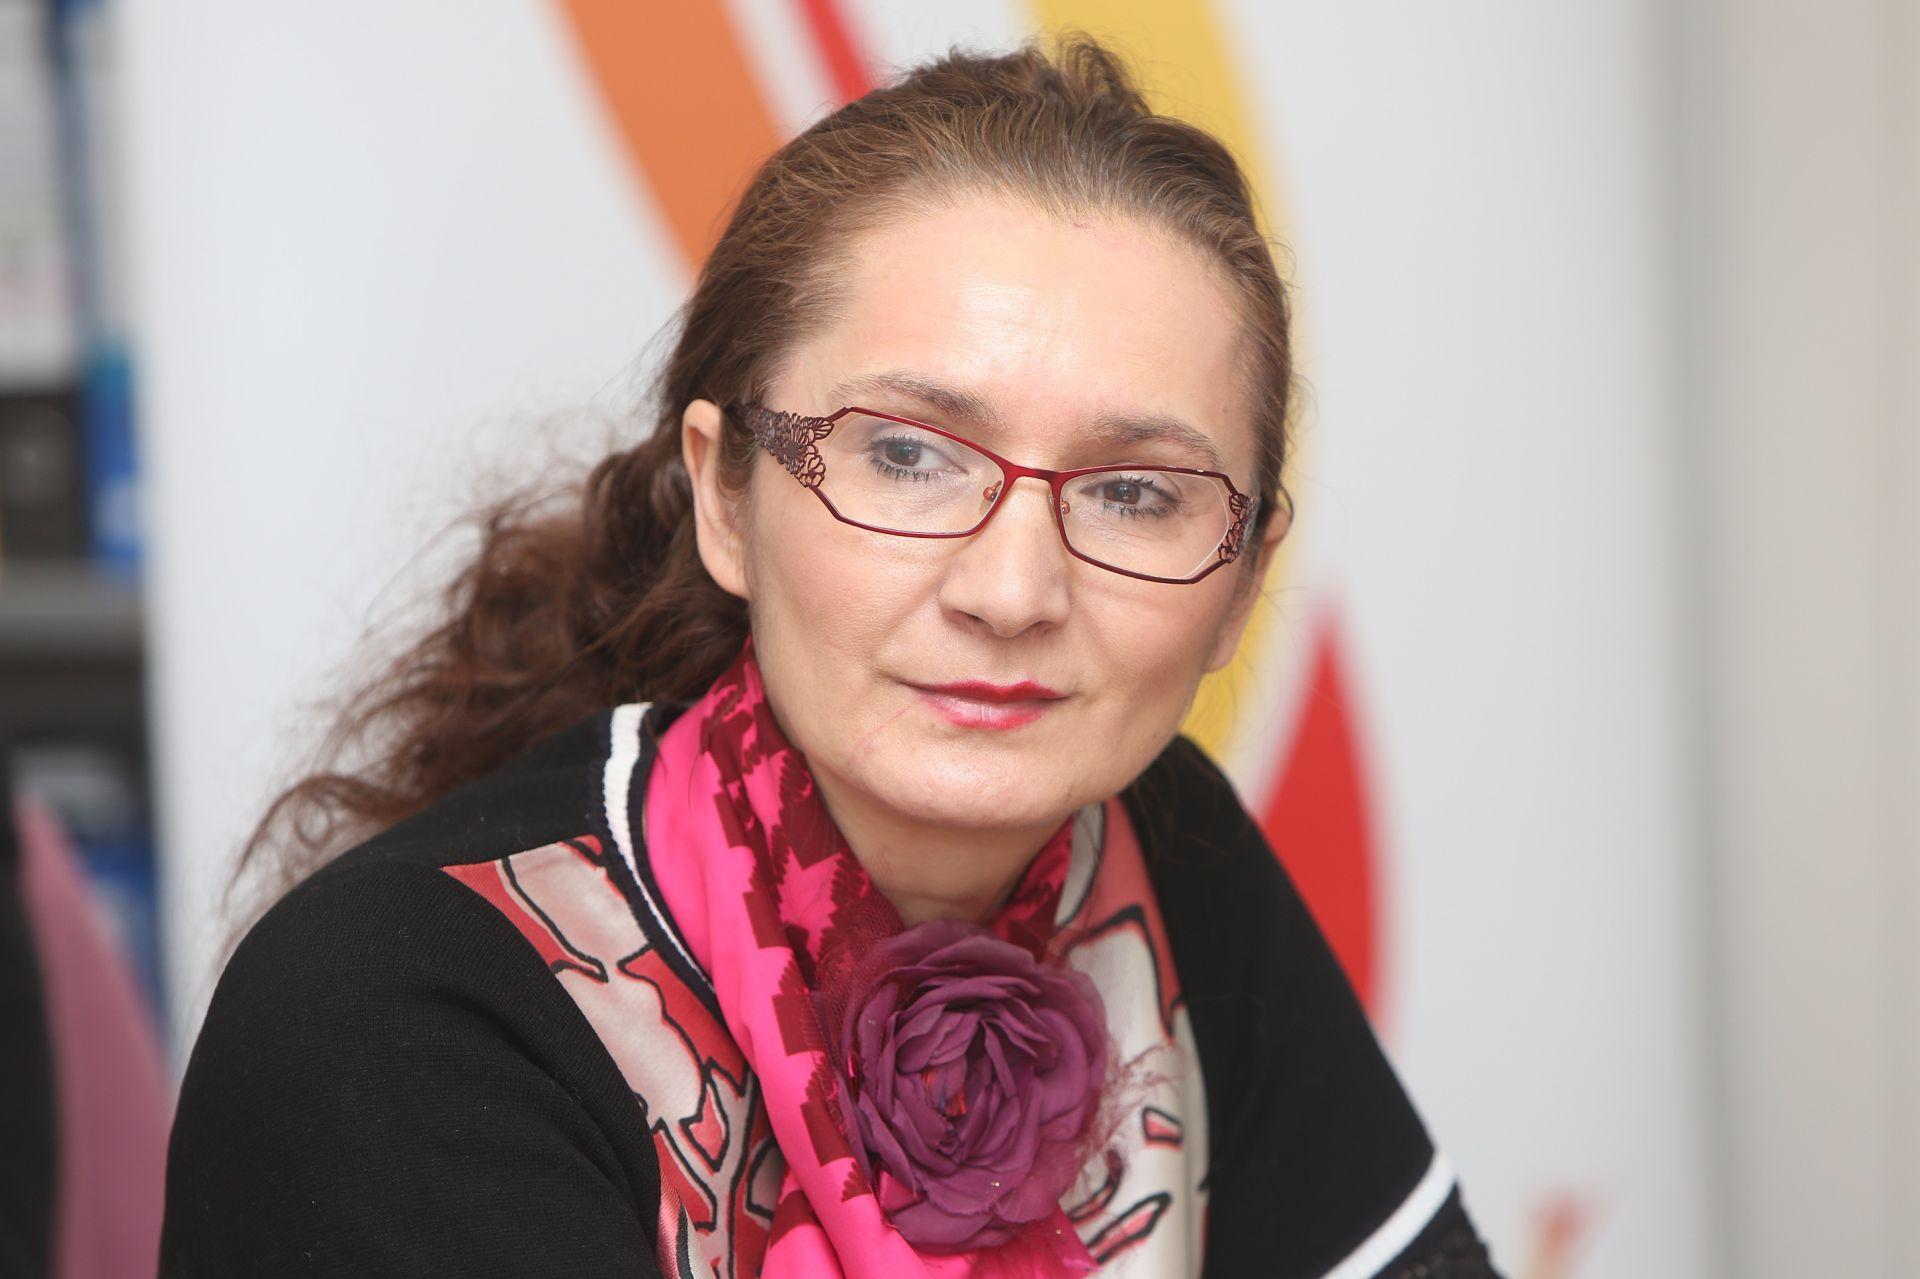 Pravobraniteljica Višnja Ljubičić: O neravnopravnosti žena u Hrvatskoj